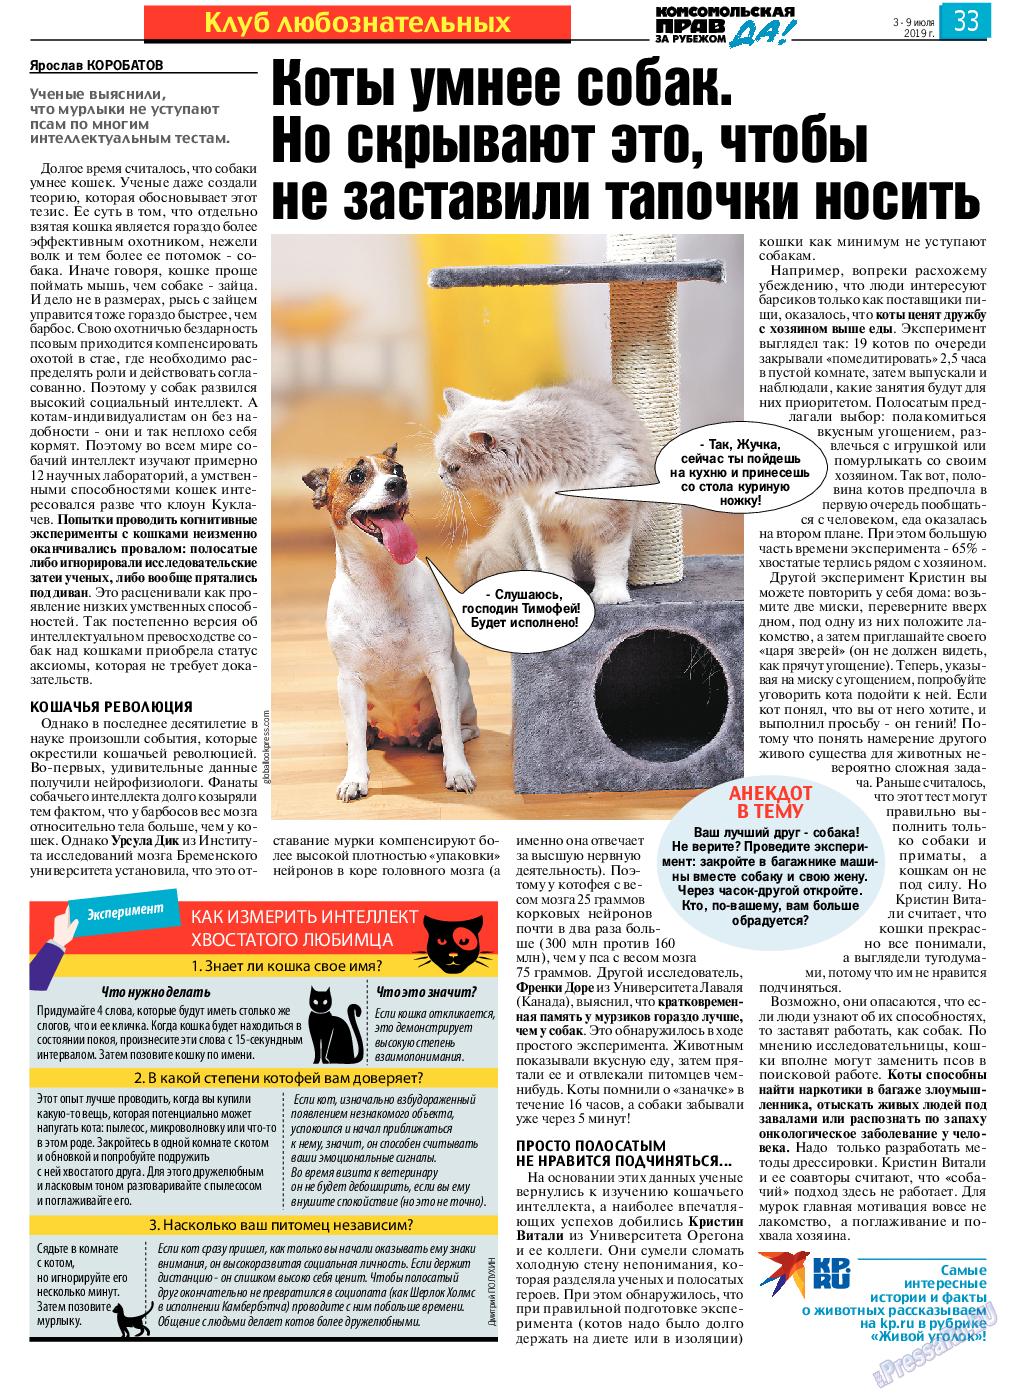 КП в Европе (газета). 2019 год, номер 27, стр. 33